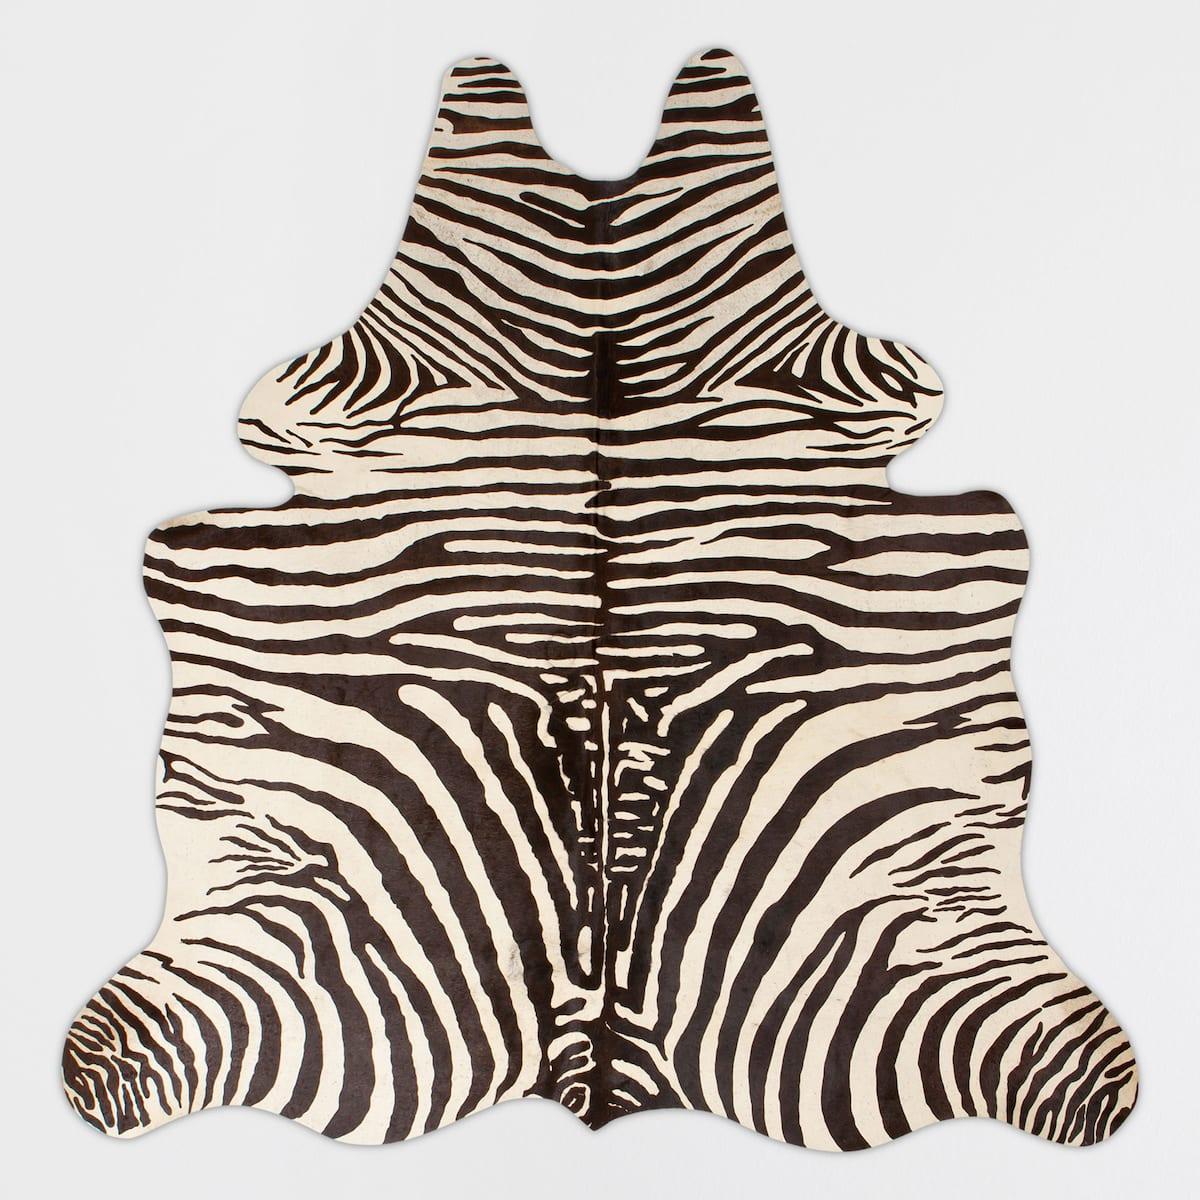 Zebra Printed Leather Rug